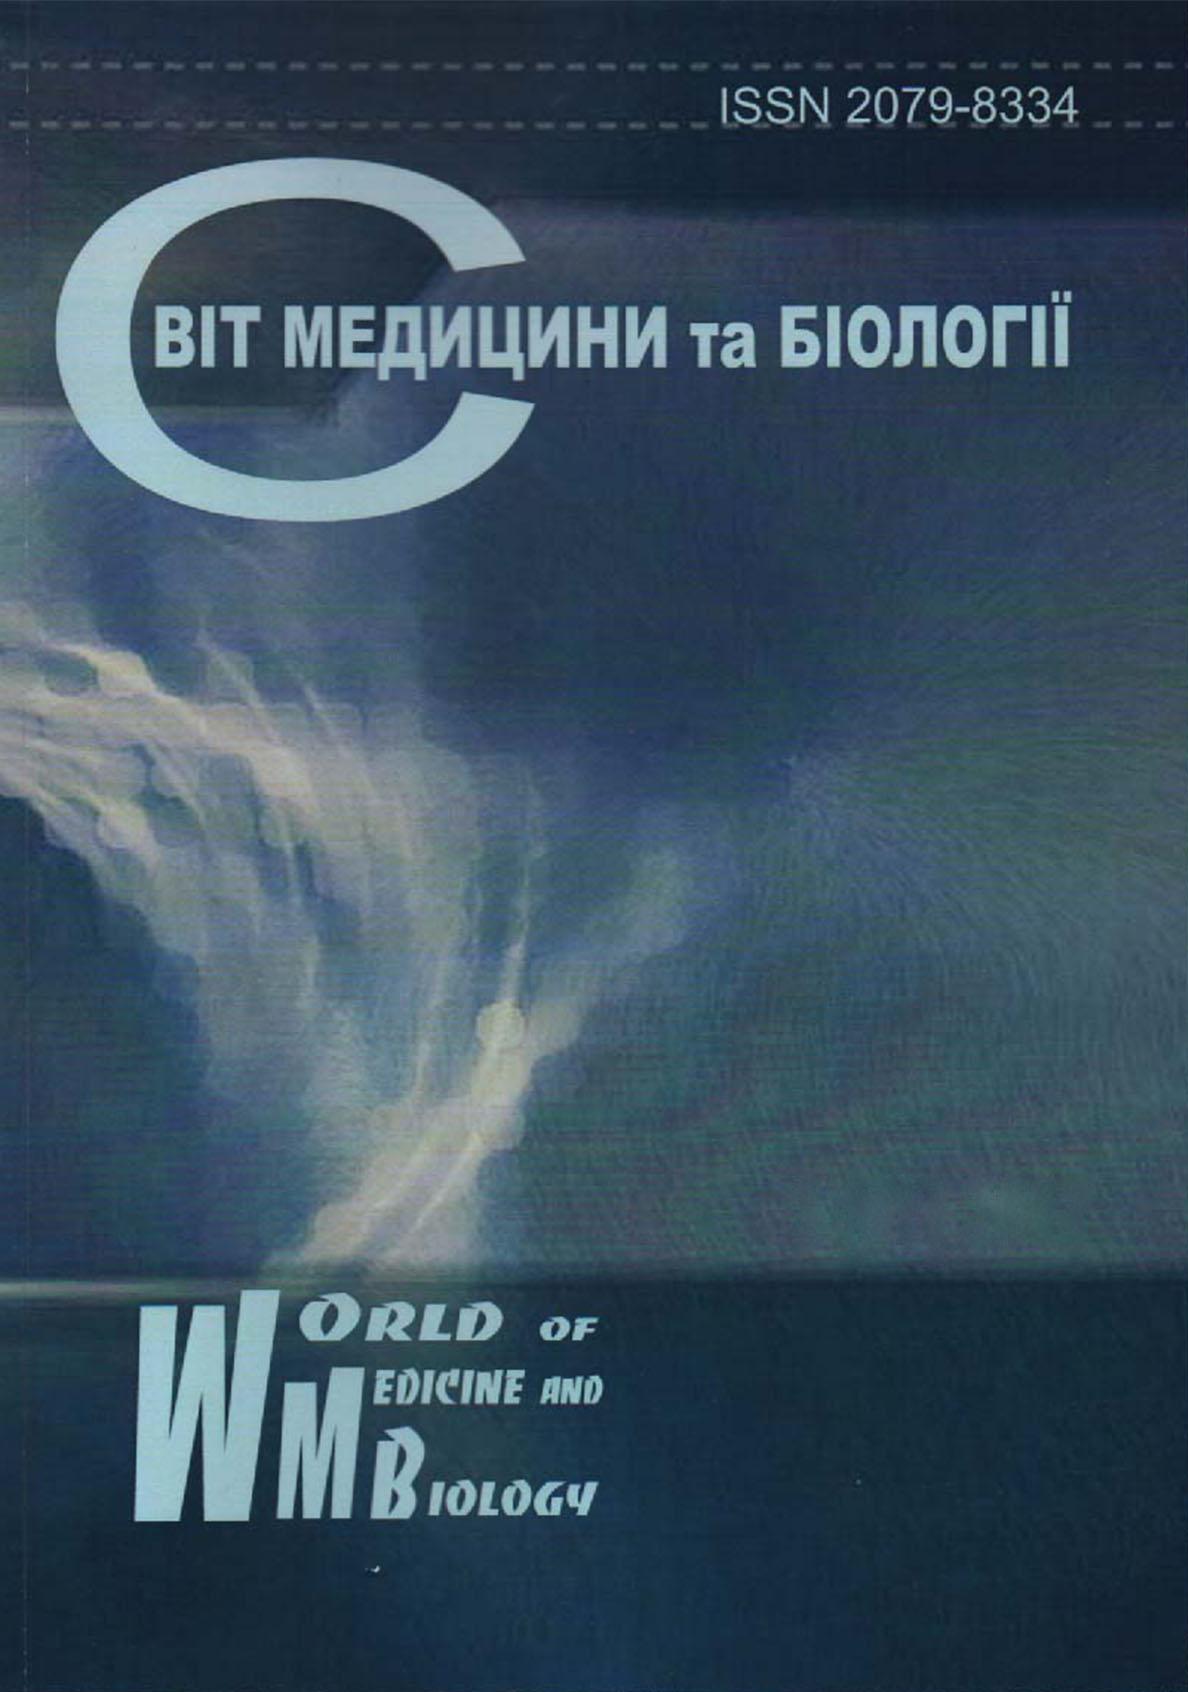 медицинские статьи на английском языке с переводом на русский